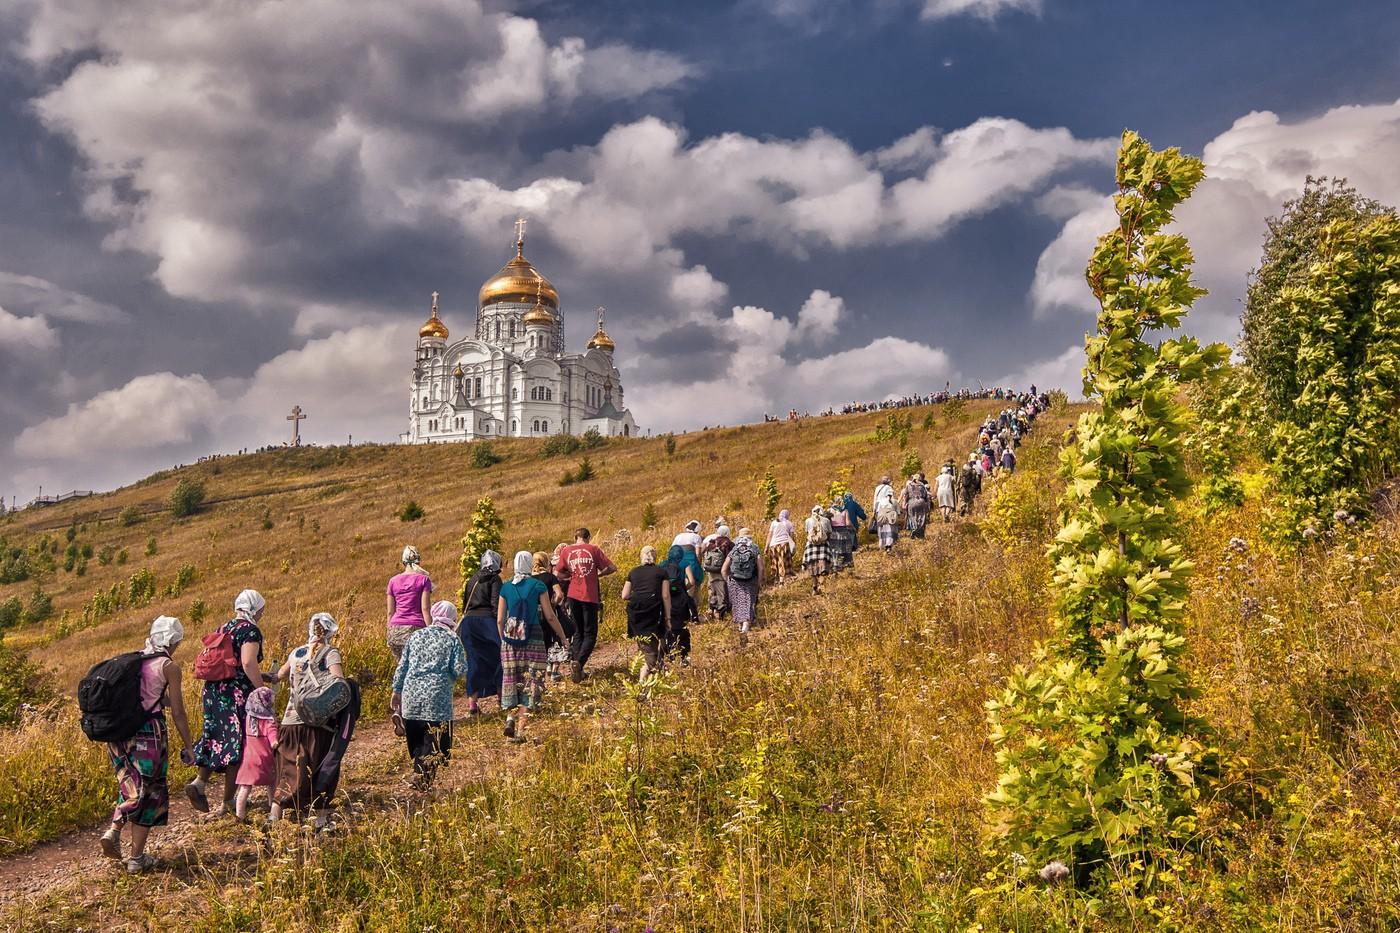 В истинном паломничестве нет ни капли развлечения | Православие и мир